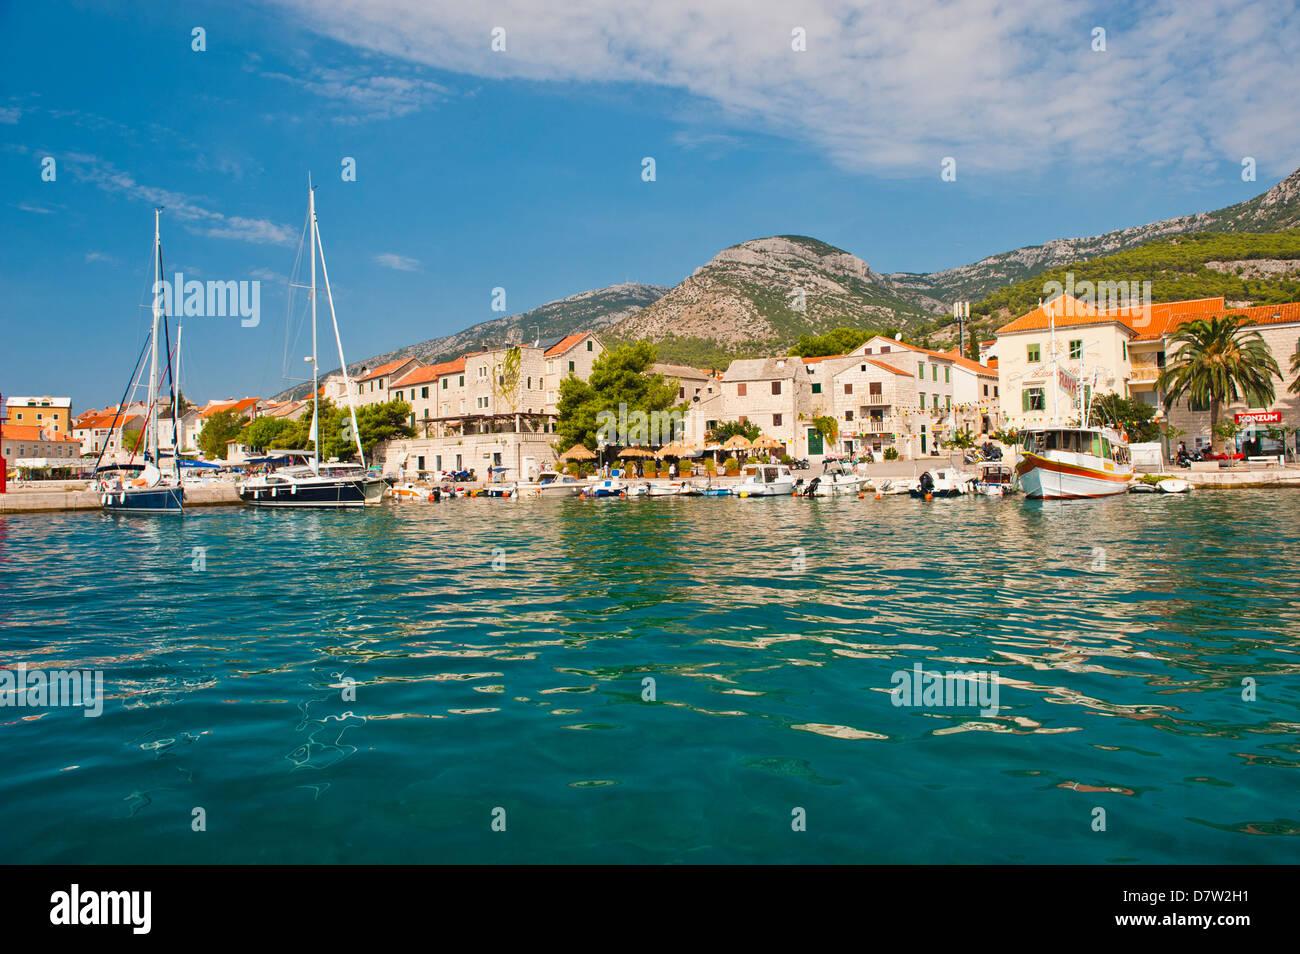 La ville de Bol et de l'eau cristalline de la mer Adriatique au large de l'île de Brac, côte dalmate, Photo Stock